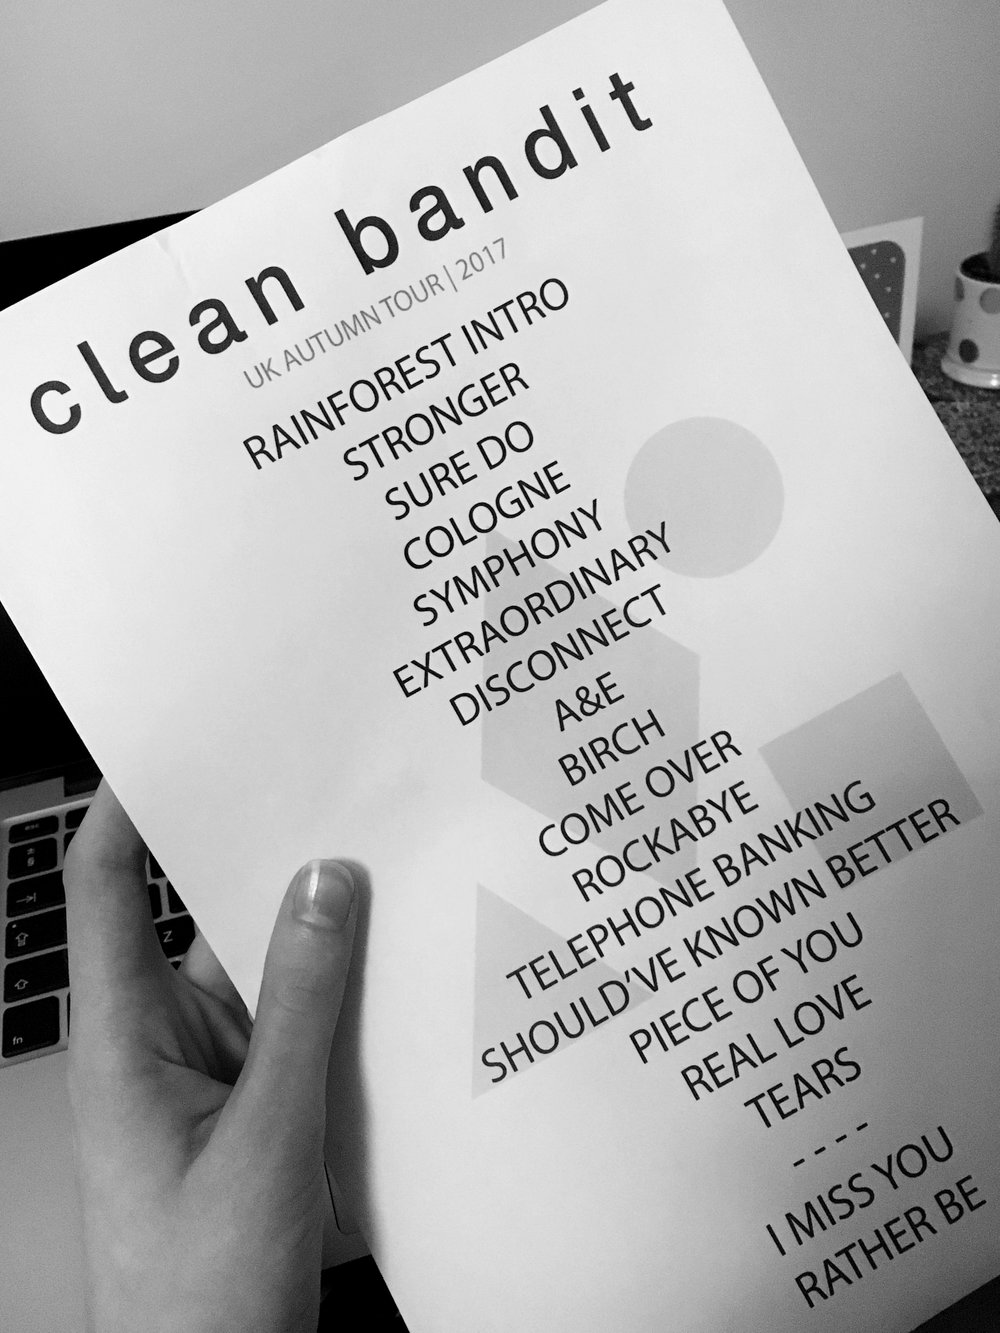 clean bandit set list